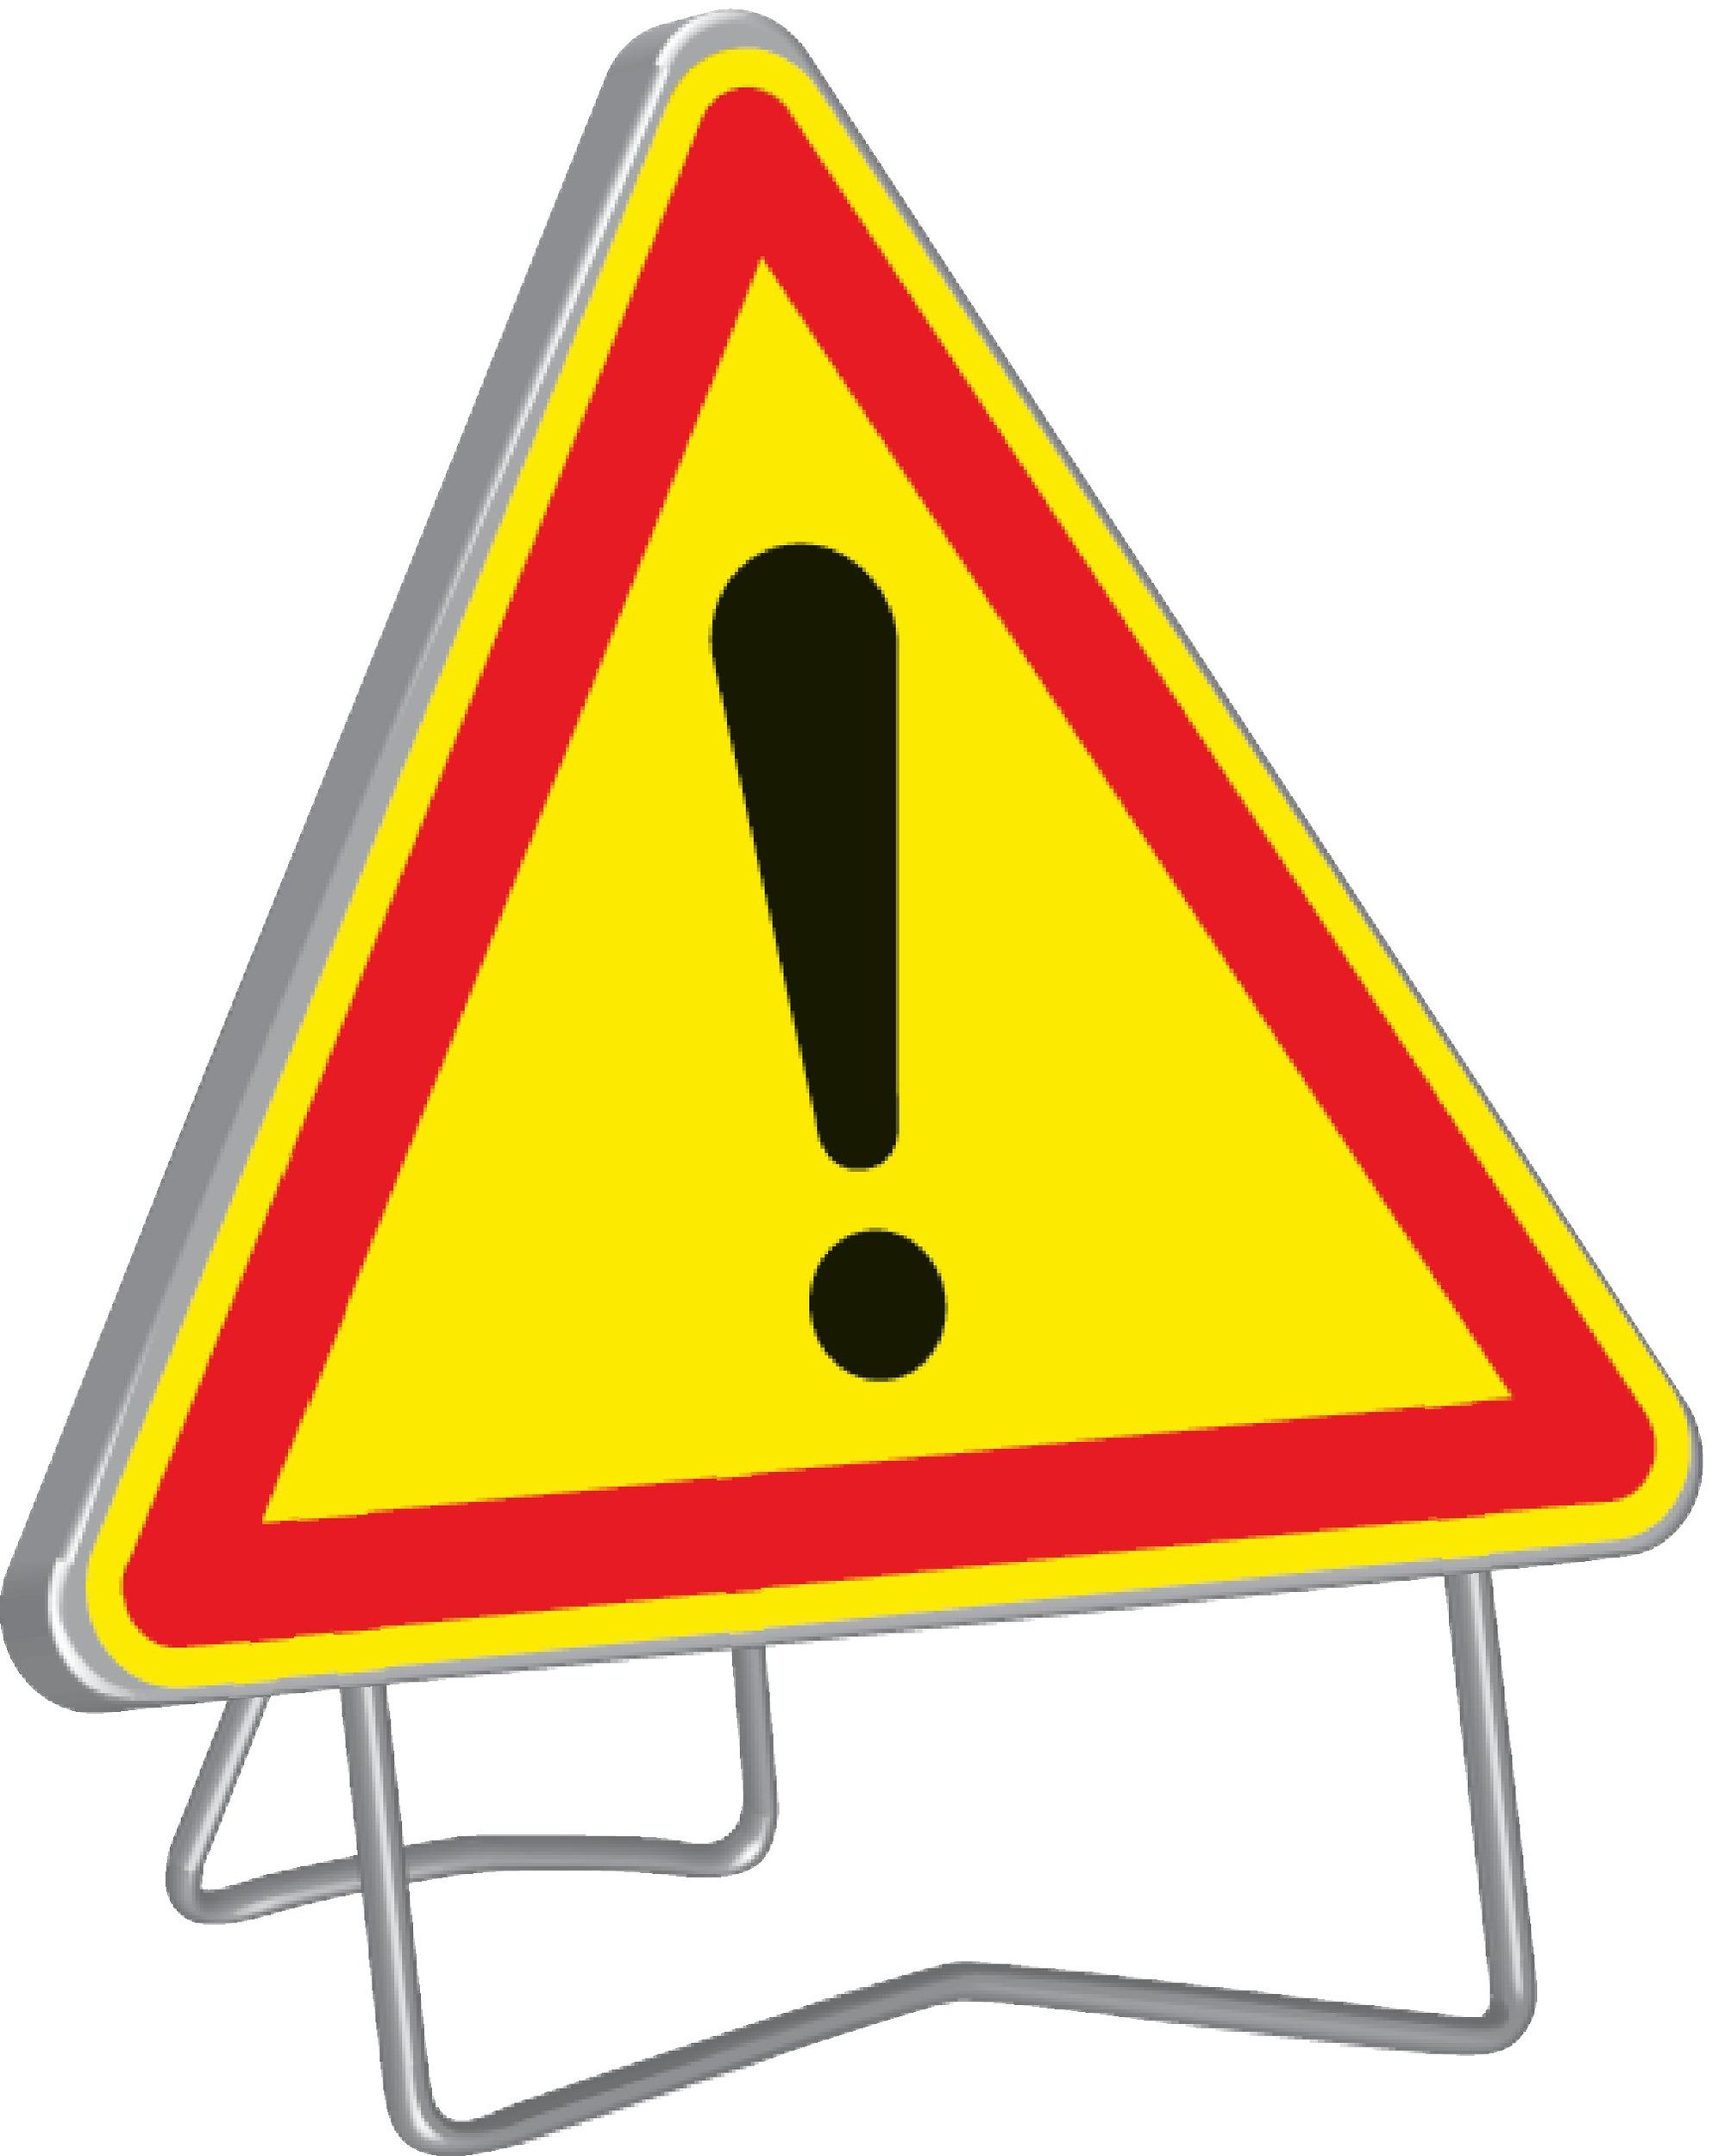 Panneau de signalisation ak14 1000 classe t1 danger + pied - nadia signalisation - 201205